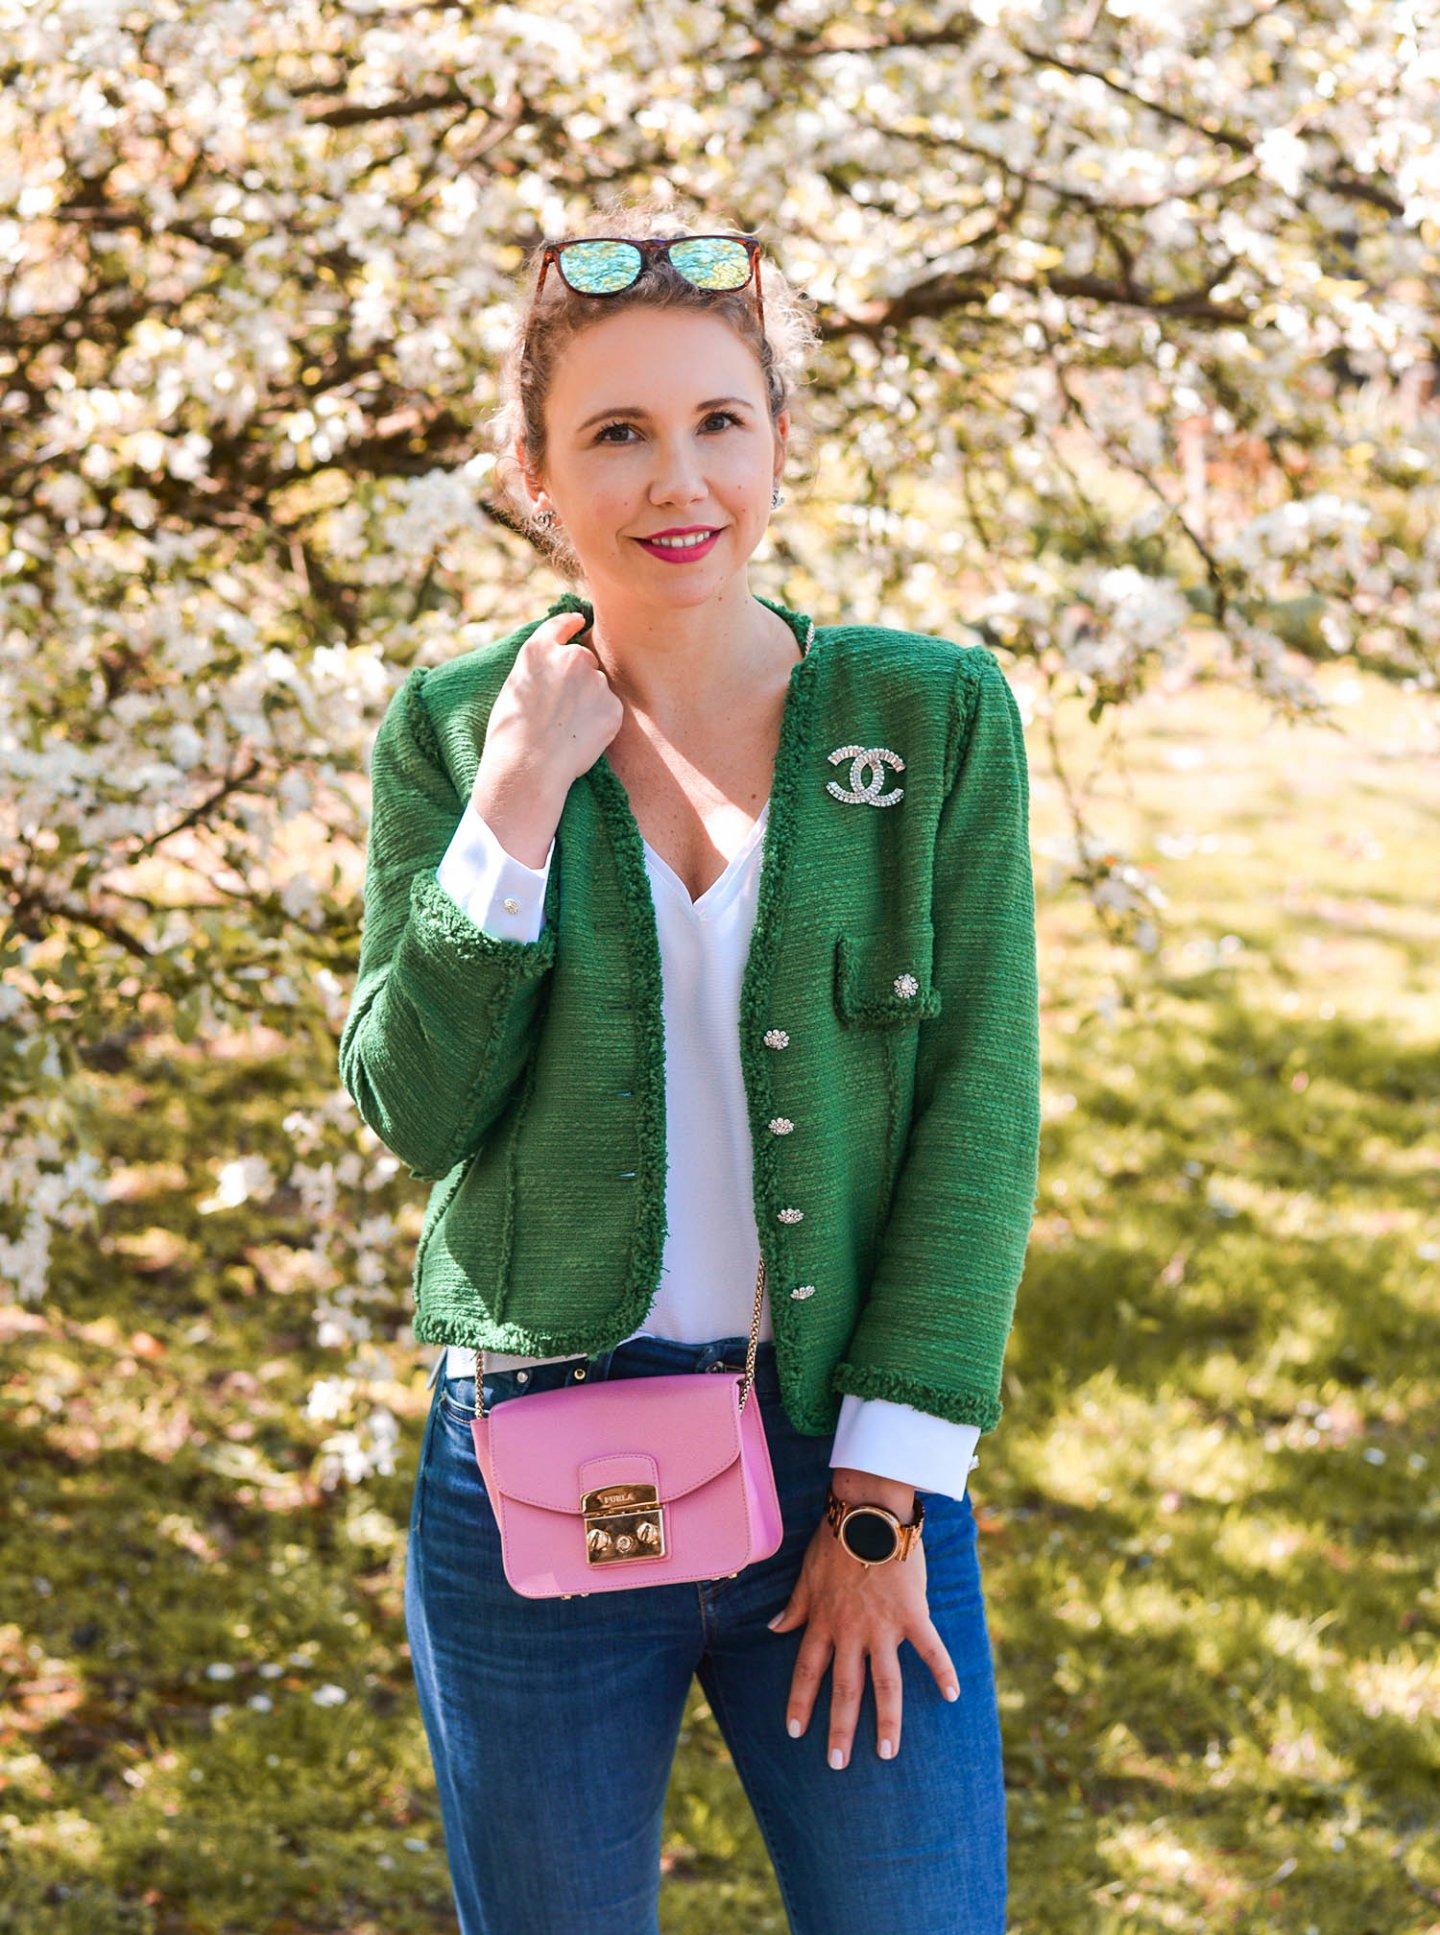 Chanel Brosche auf Zara tweed jacke